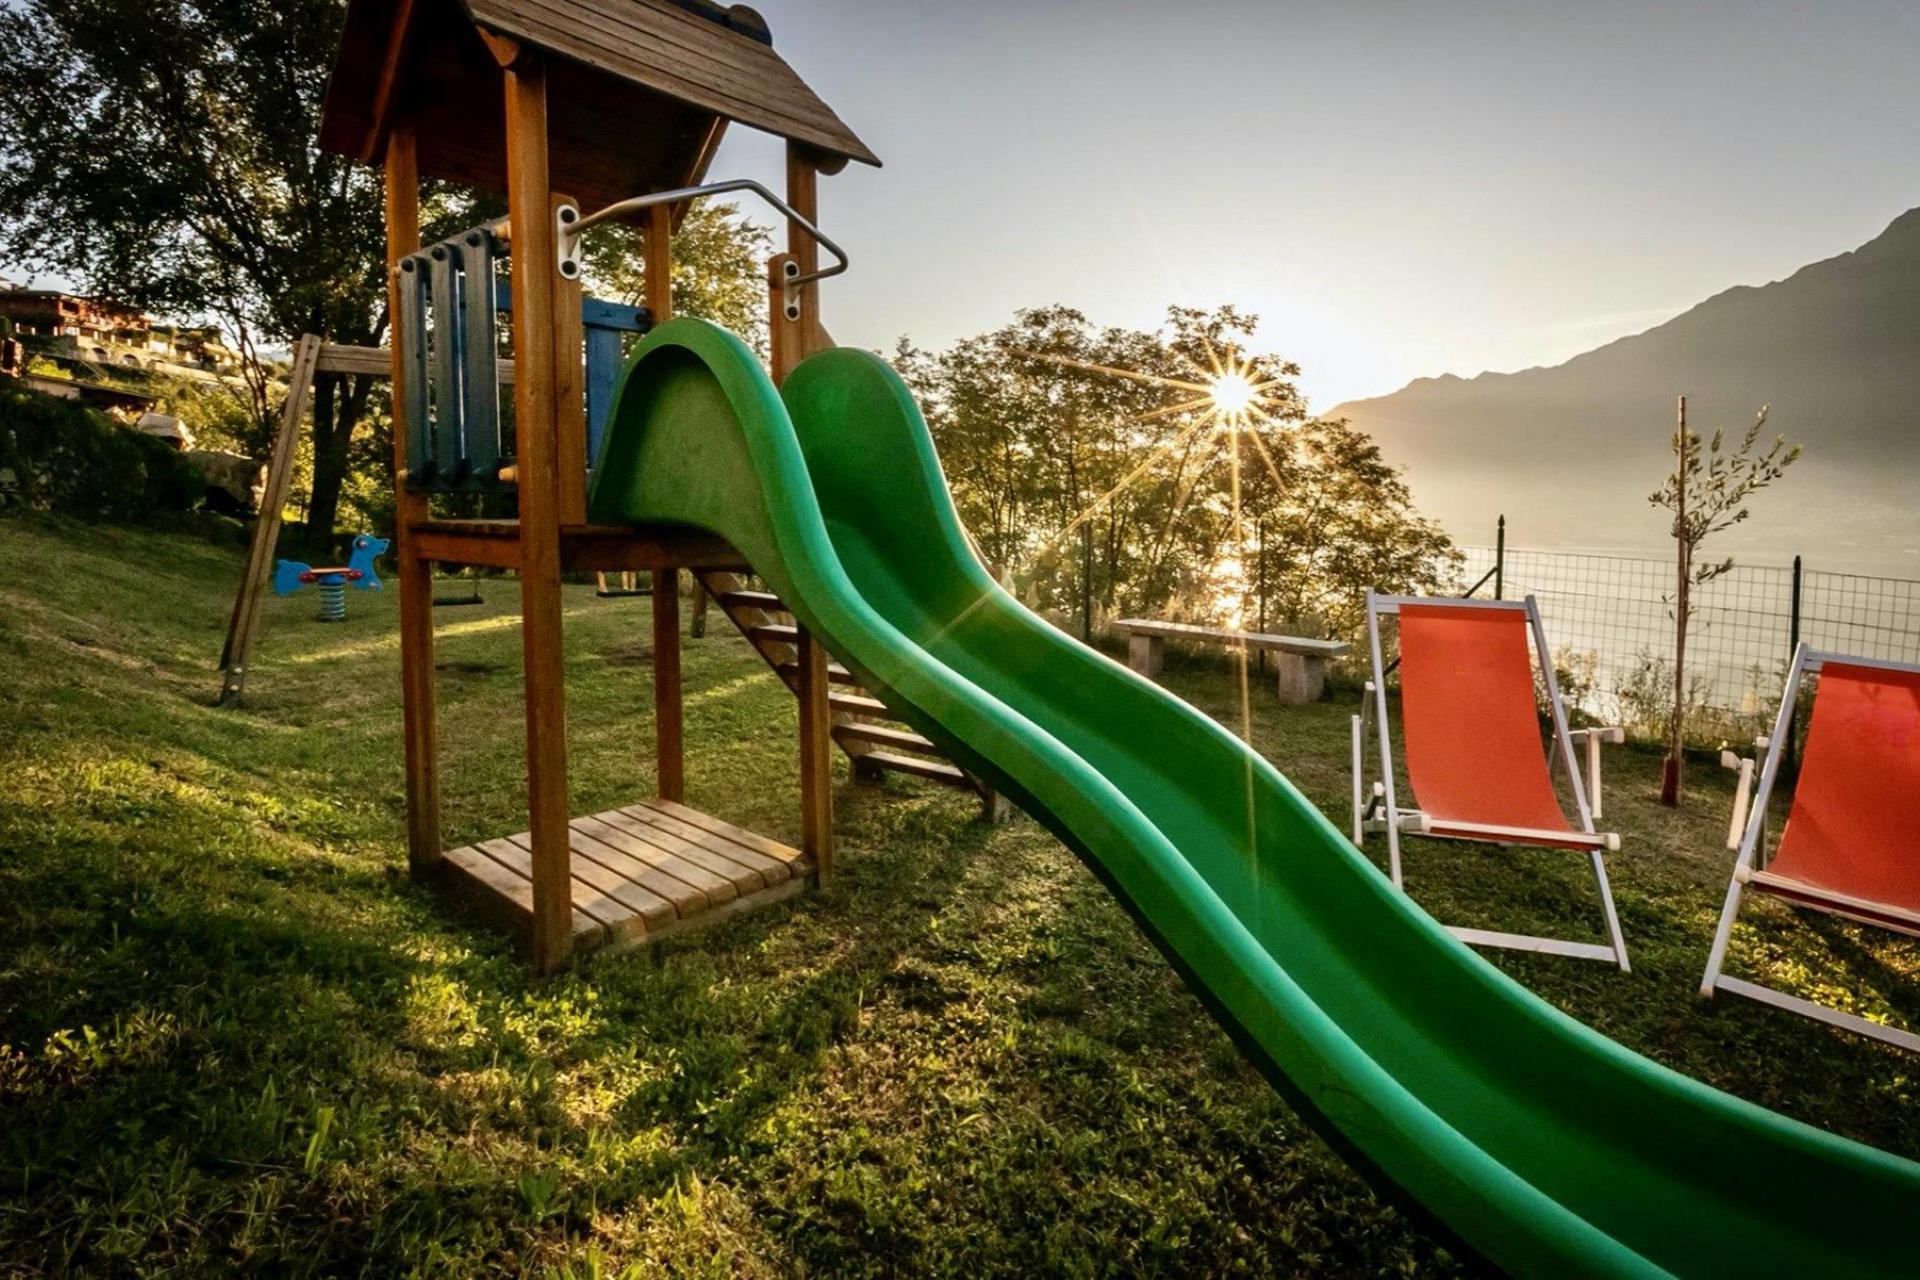 Agriturismo Comomeer en Gardameer Residence Comomeer, kindvriendelijk en prachtig uitzicht